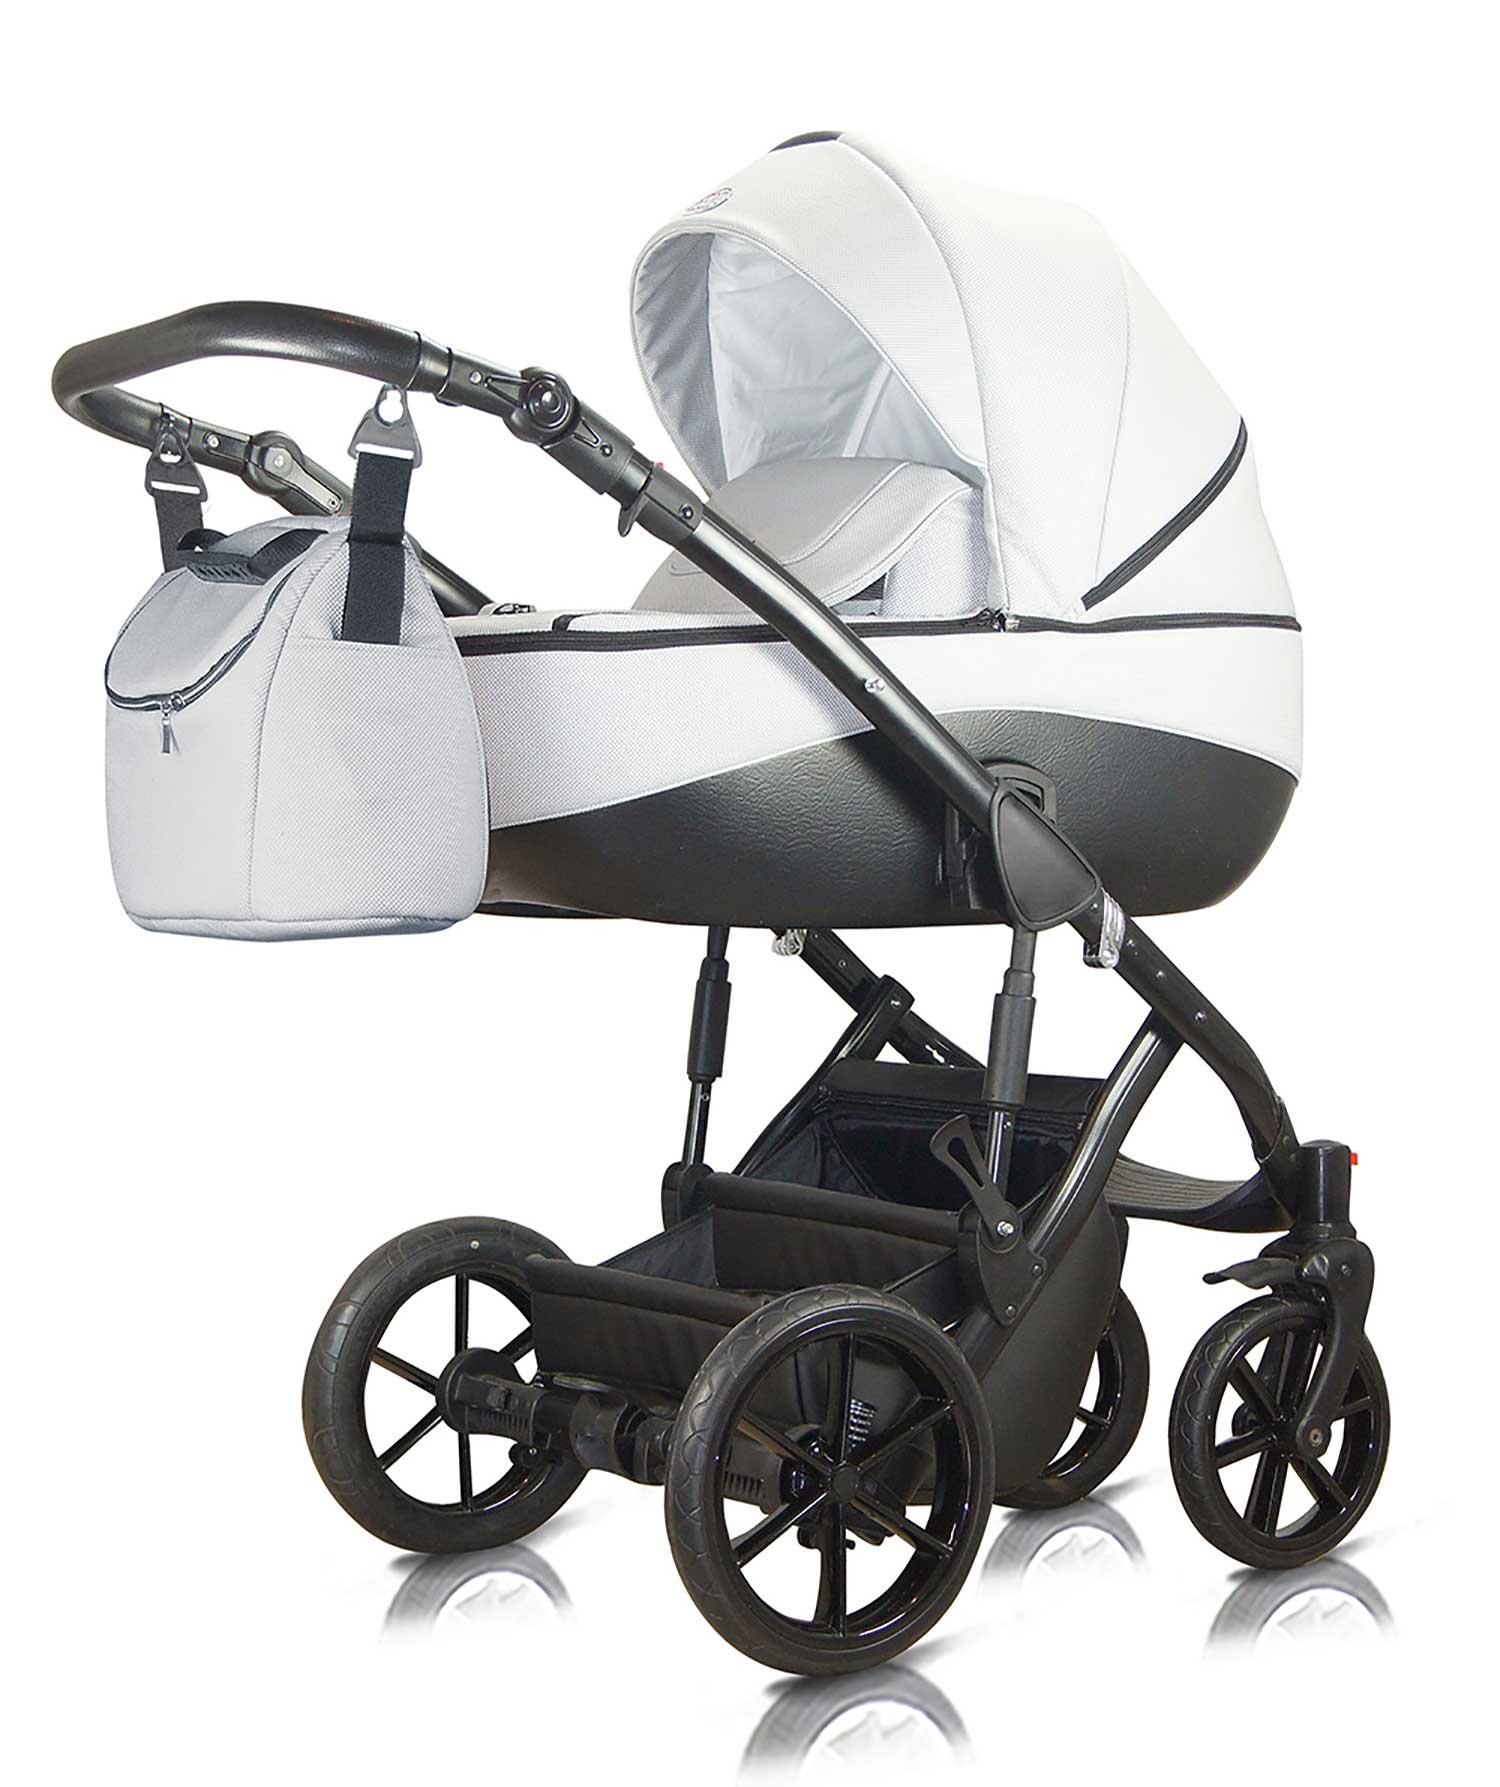 wózek dziecięcy wielofunkcyjny Milu Kids Bacio biały